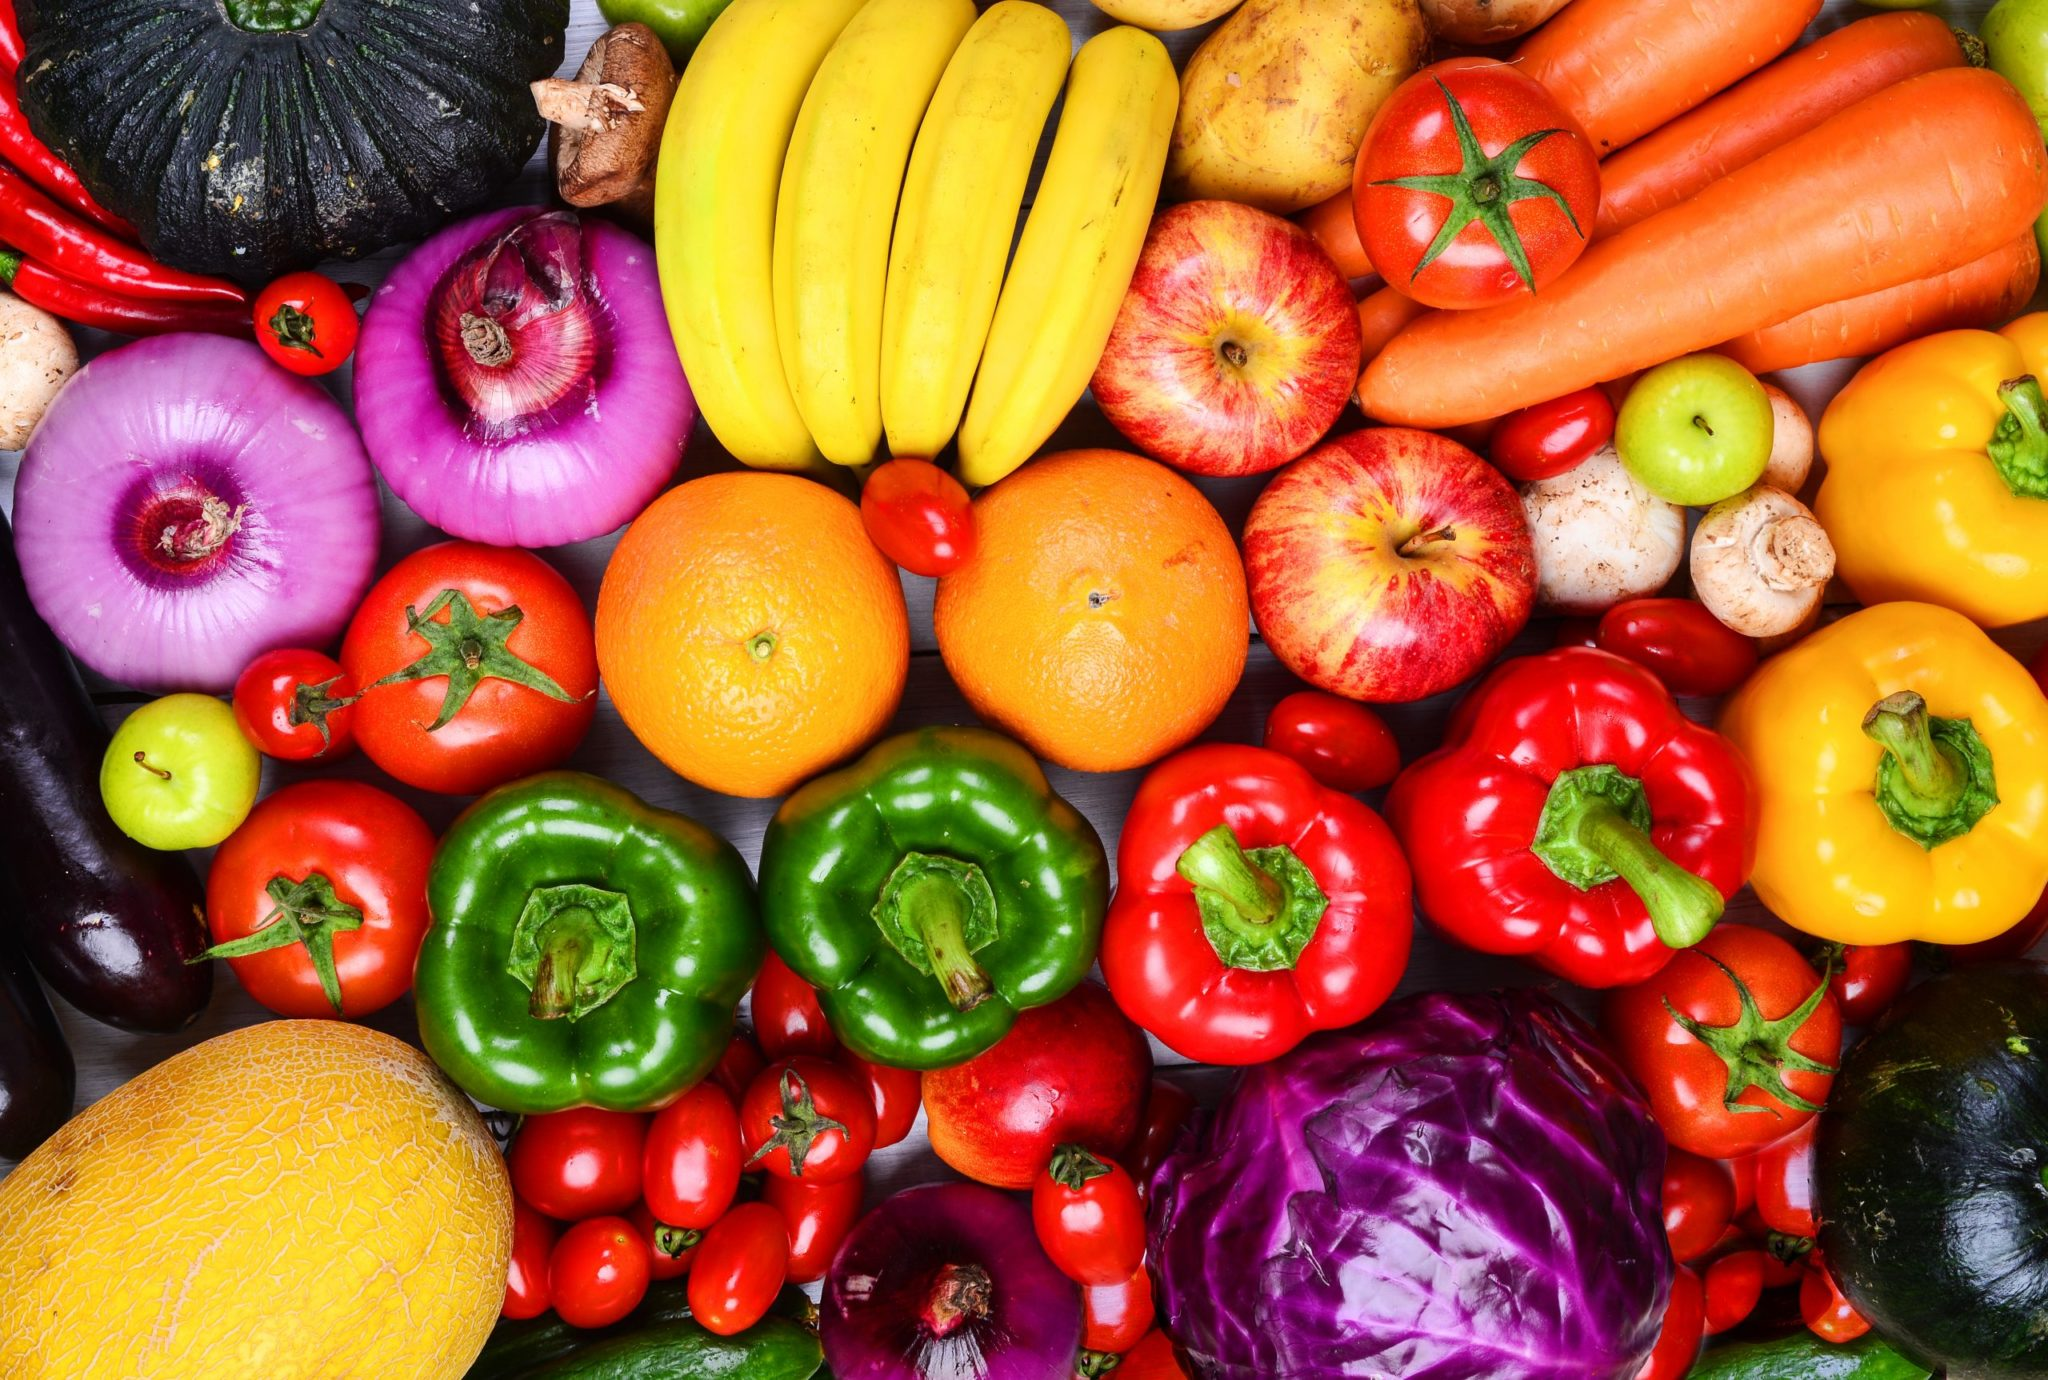 Jak planować i oszczędzać na zakupach spożywczych? Warzywa i owoce